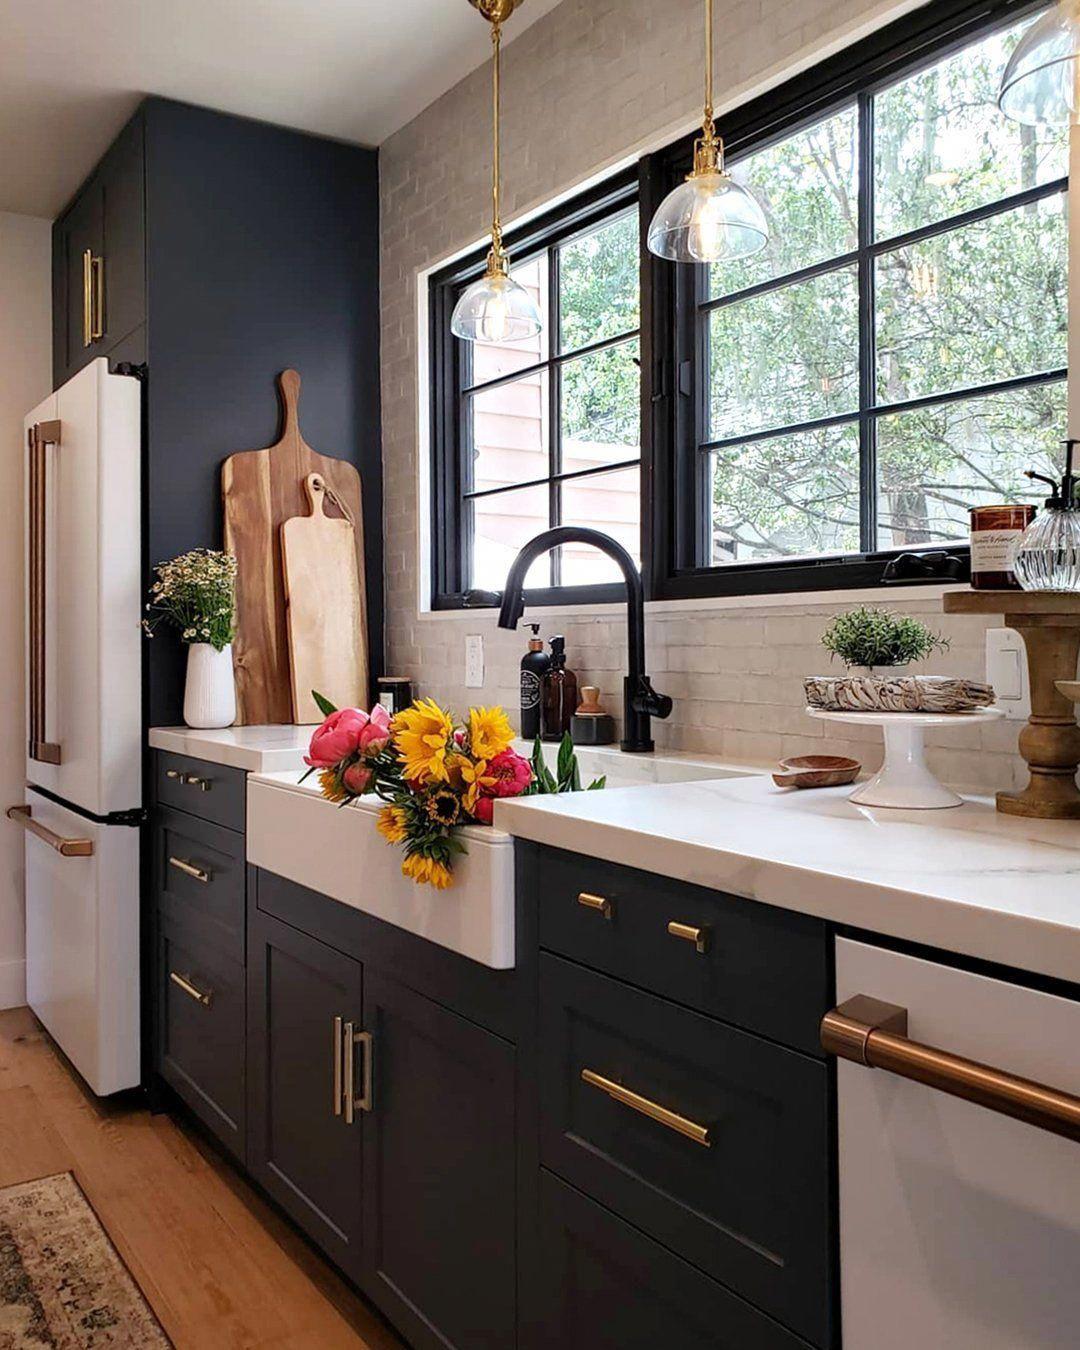 Dynamic Kitchen Renovation Ideas Try Here In 2020 Galley Kitchen Design Kitchen Interior Home Decor Kitchen